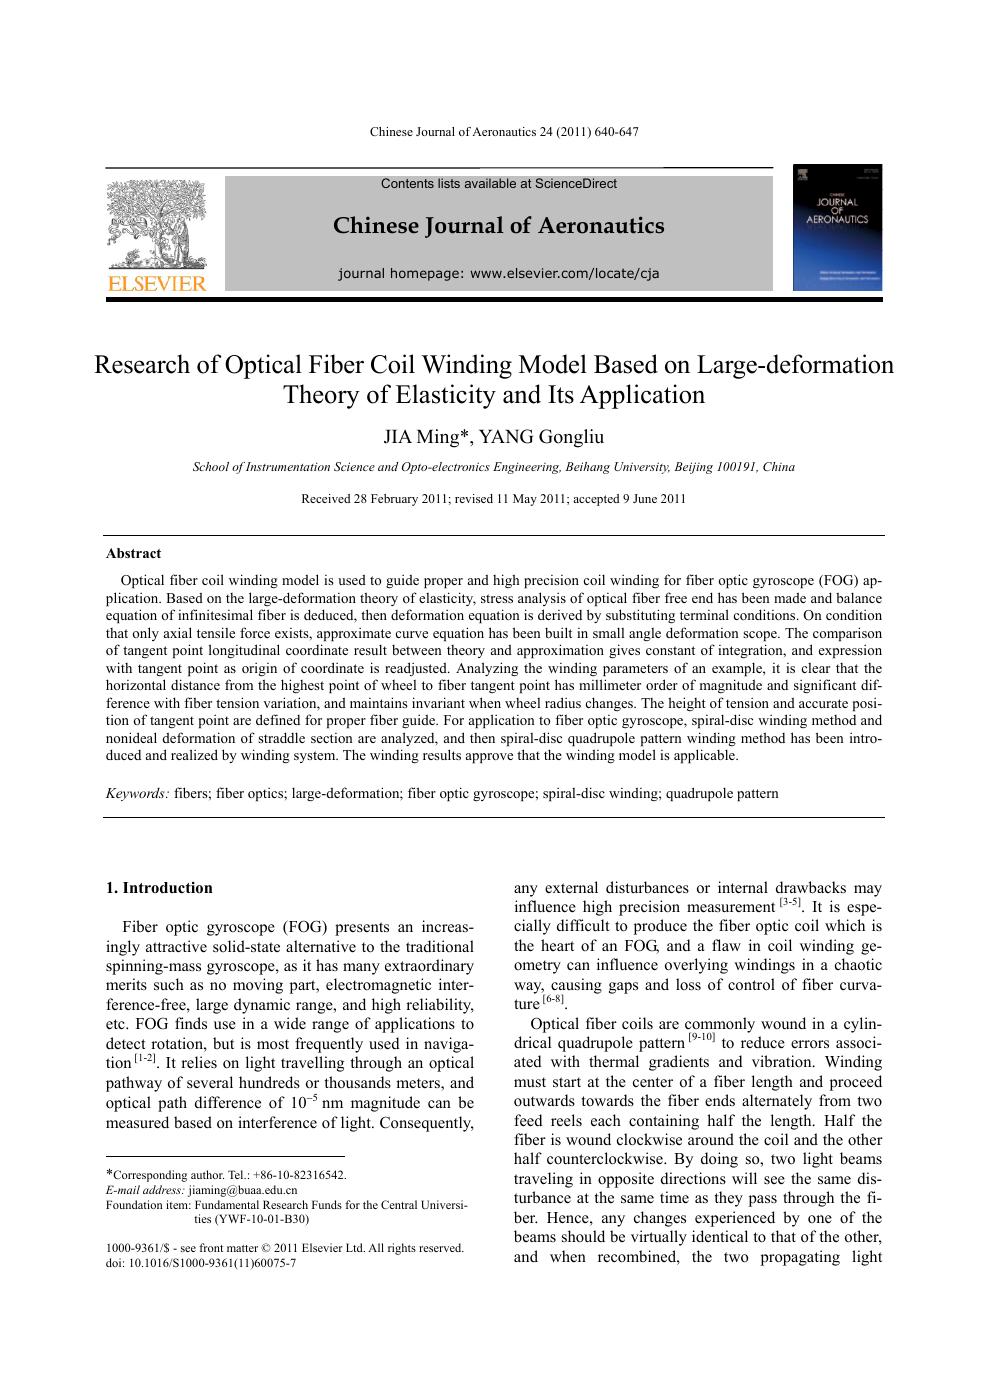 optical fiber research paper